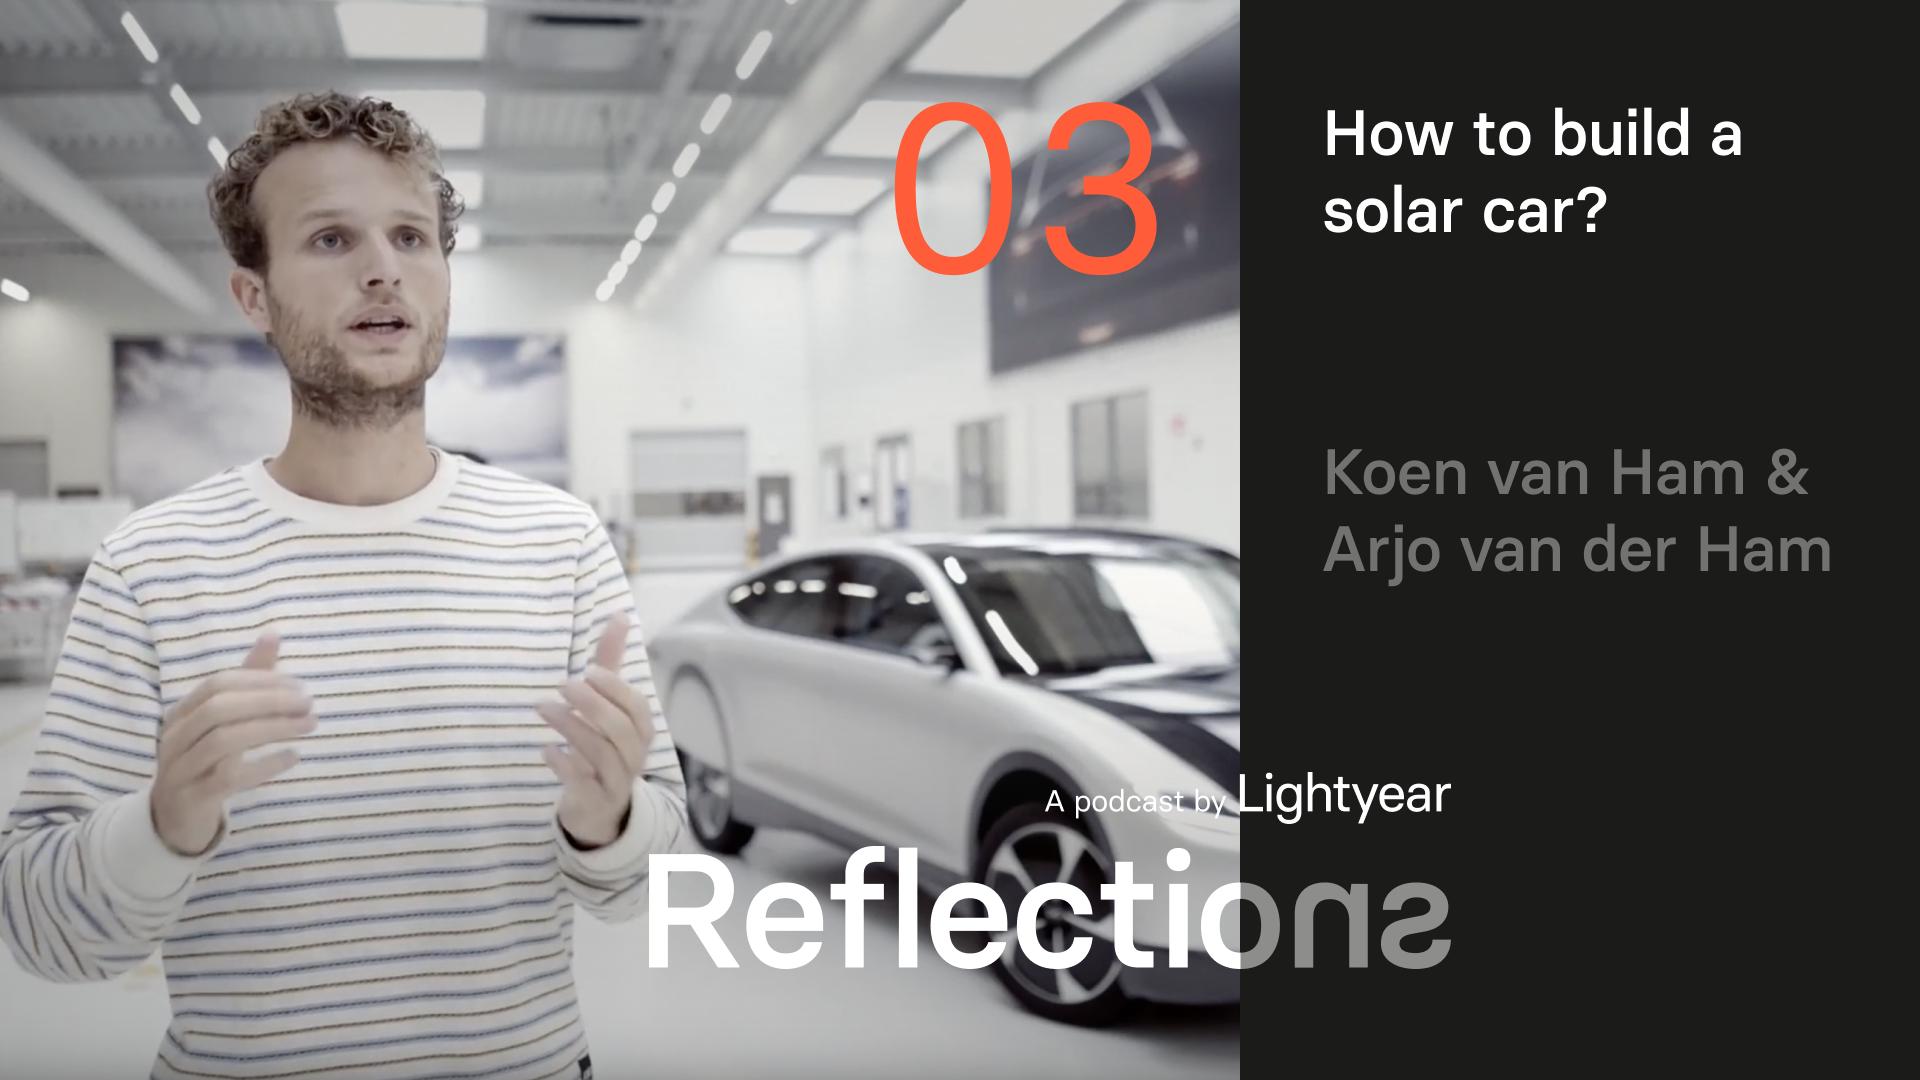 How to build a solar car?